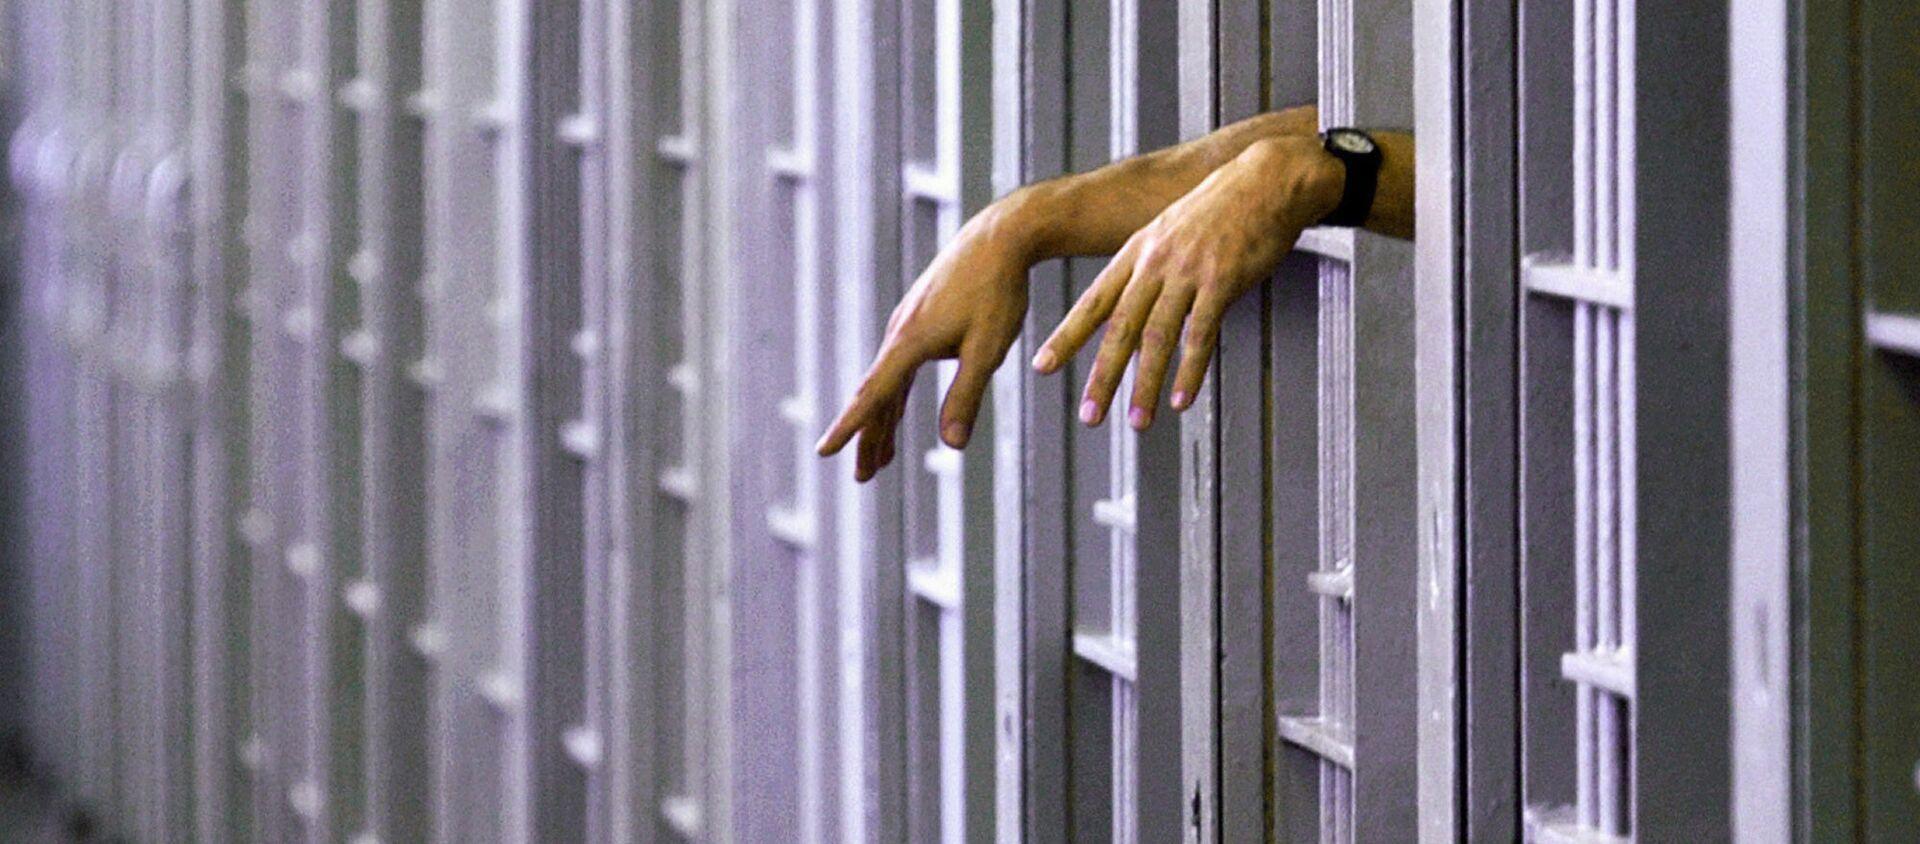 Bị kết án tử hình trong một nhà tù an ninh tối đa ở Pontiac, Hoa Kỳ - Sputnik Việt Nam, 1920, 03.01.2021